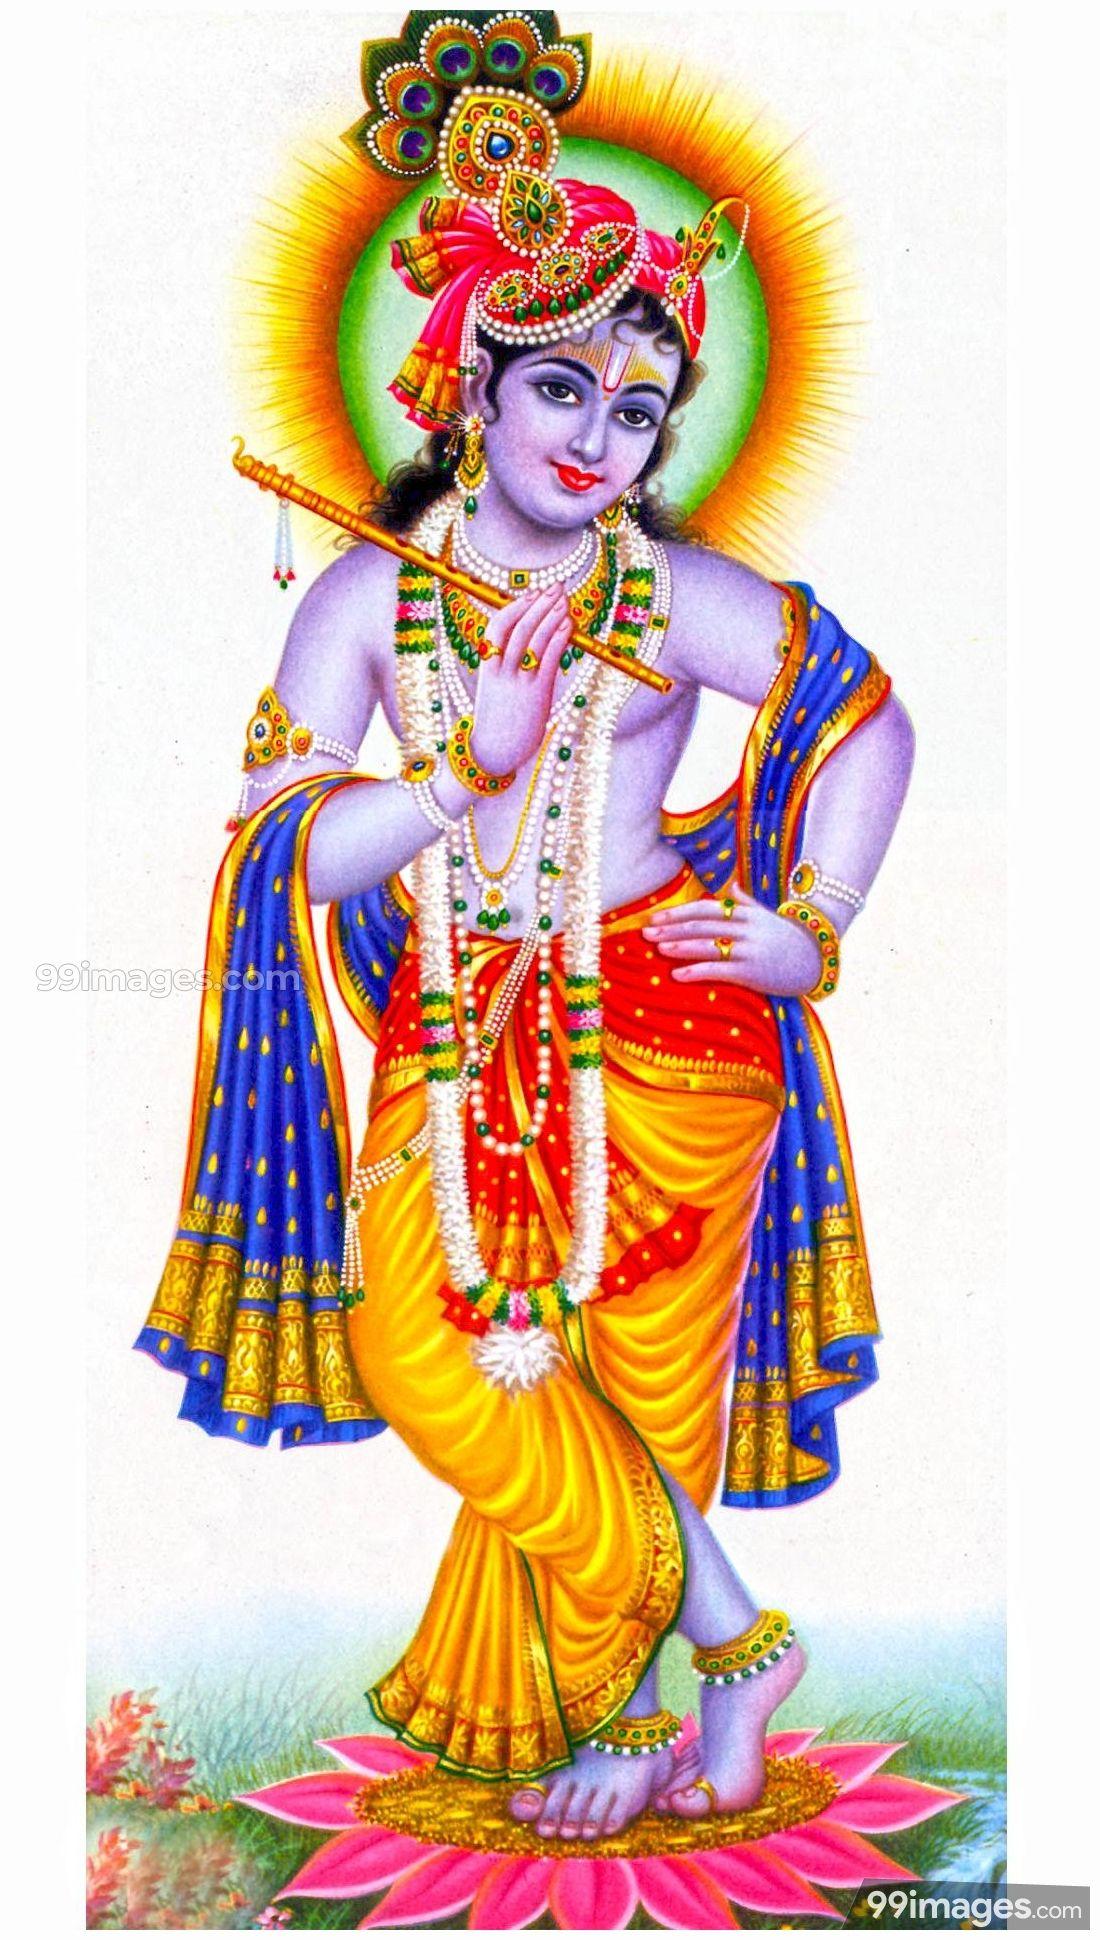 Lord Krishna Latest Hd Photos 1080p 450 Krishna Lordkrishna Littlekrishna Hindugod Shree Krishna Lord Krishna Krishna Images